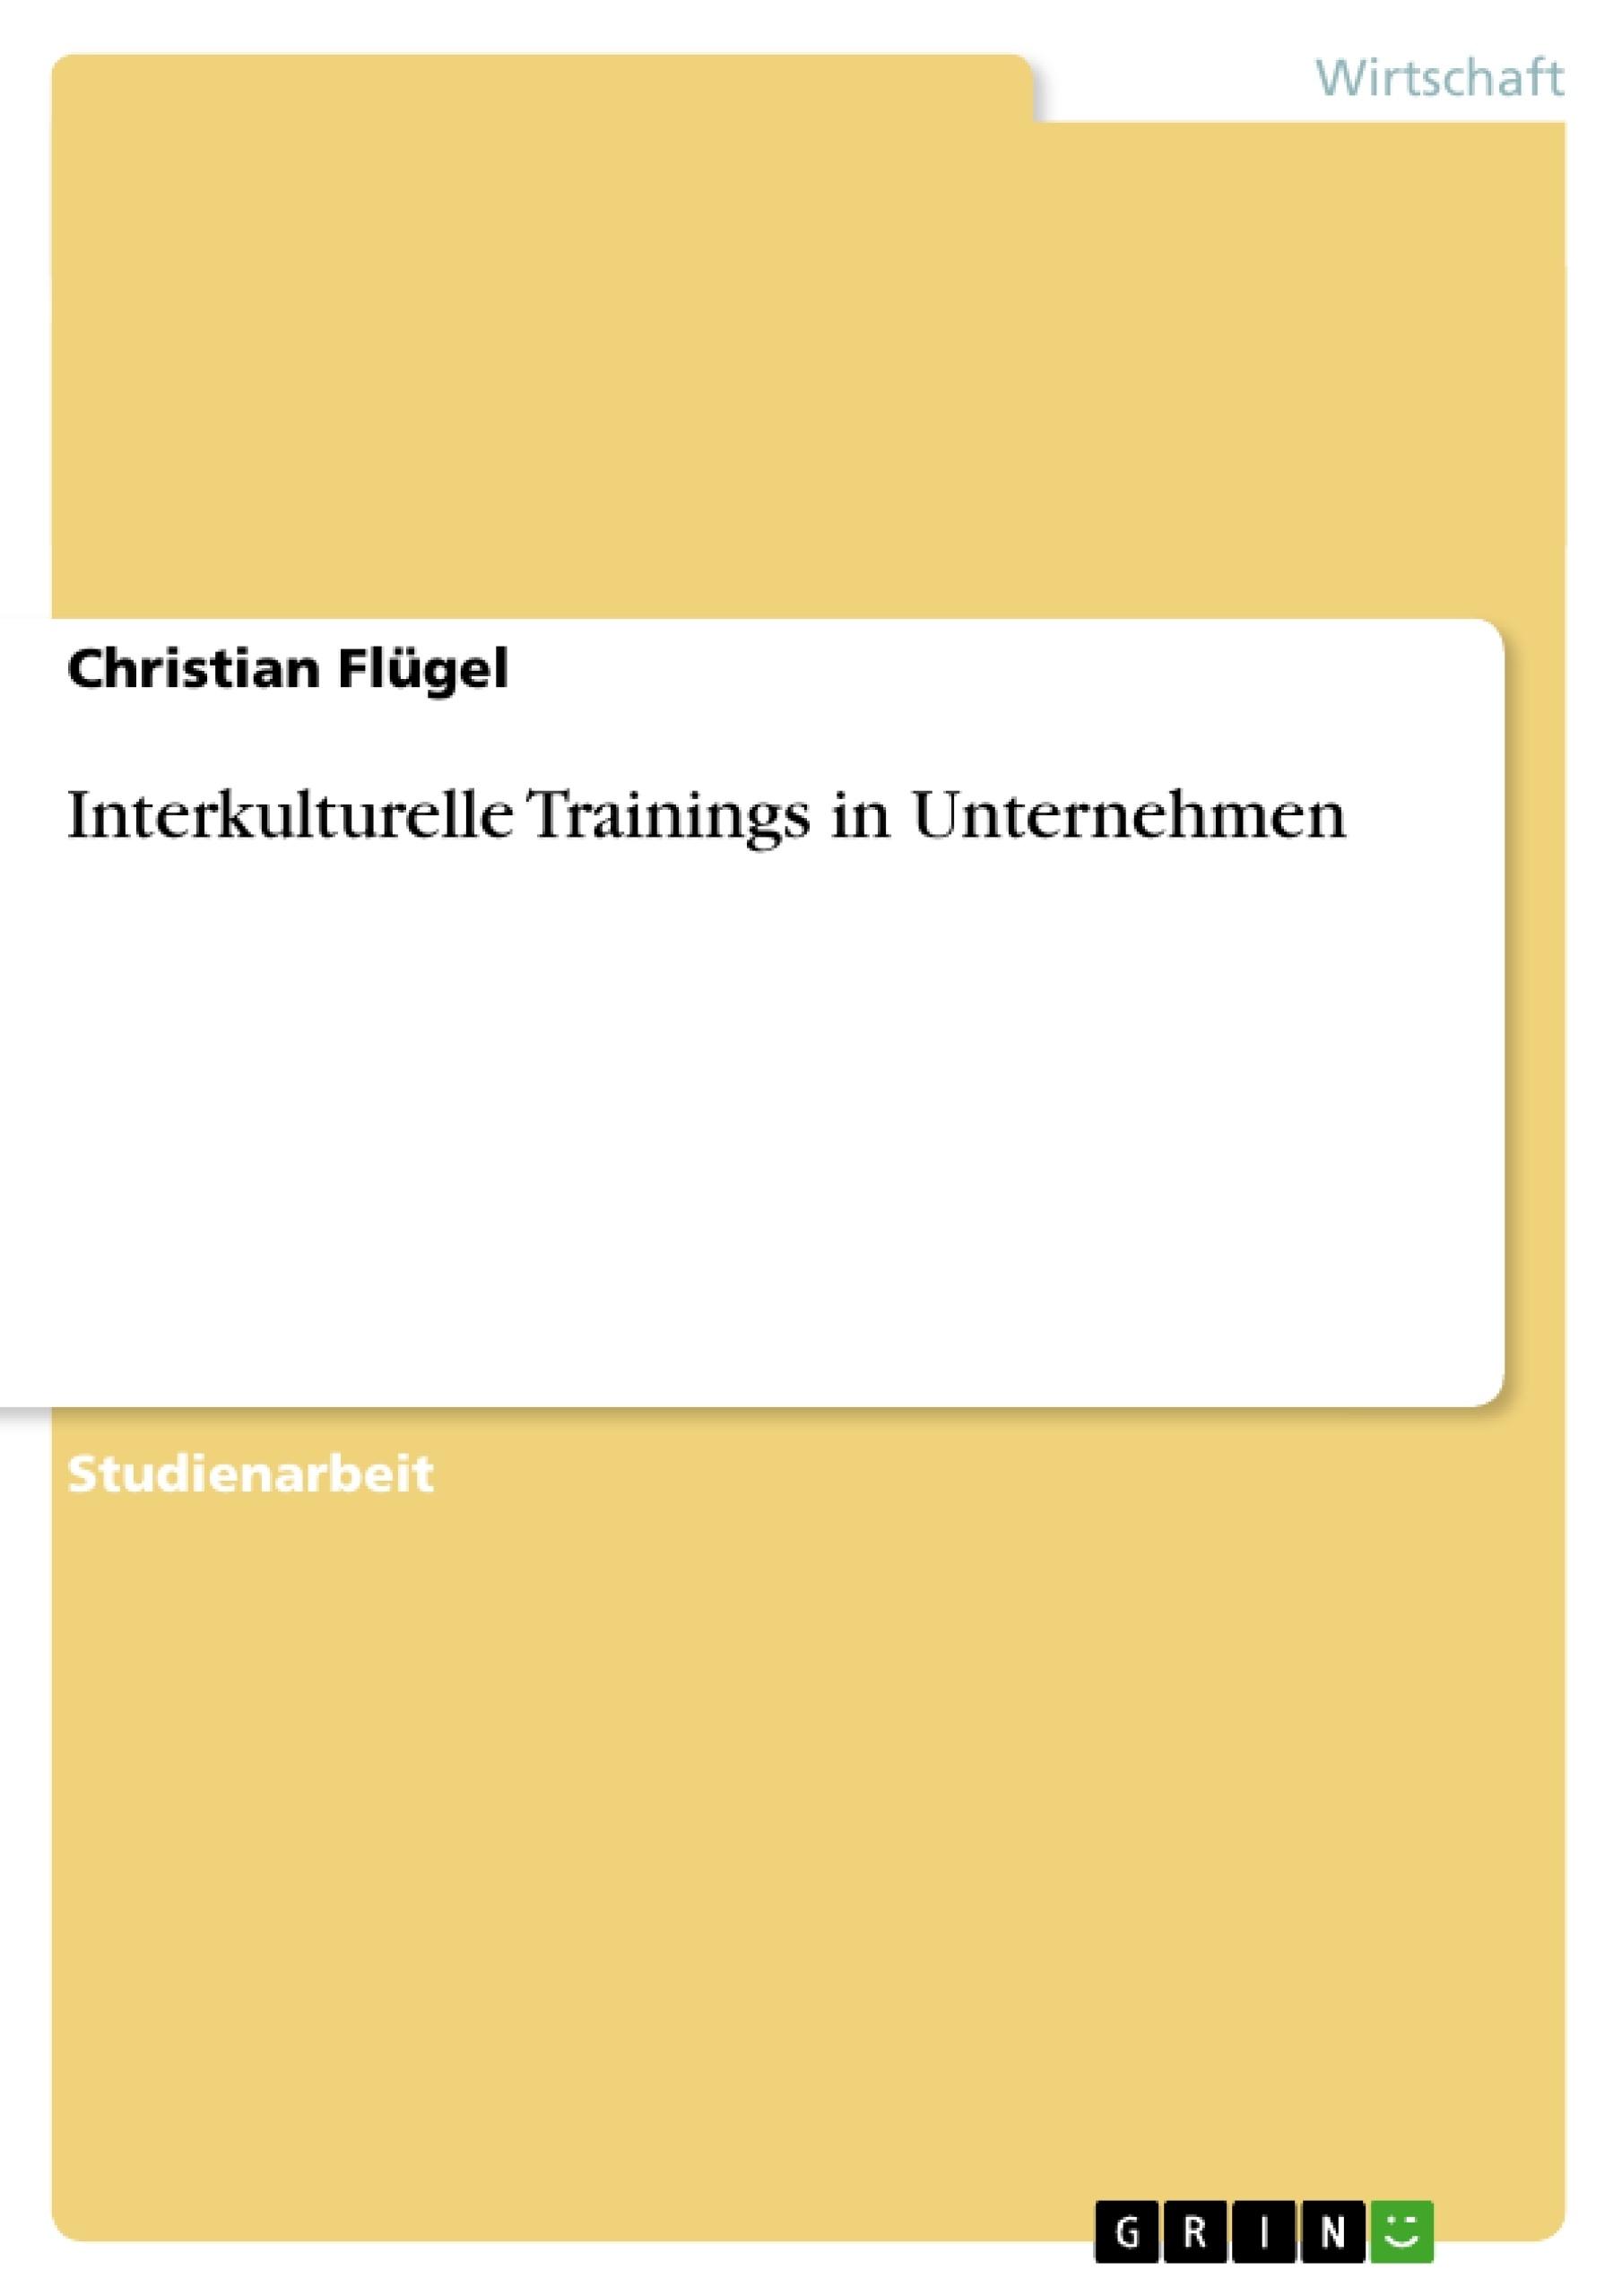 Titel: Interkulturelle Trainings in Unternehmen